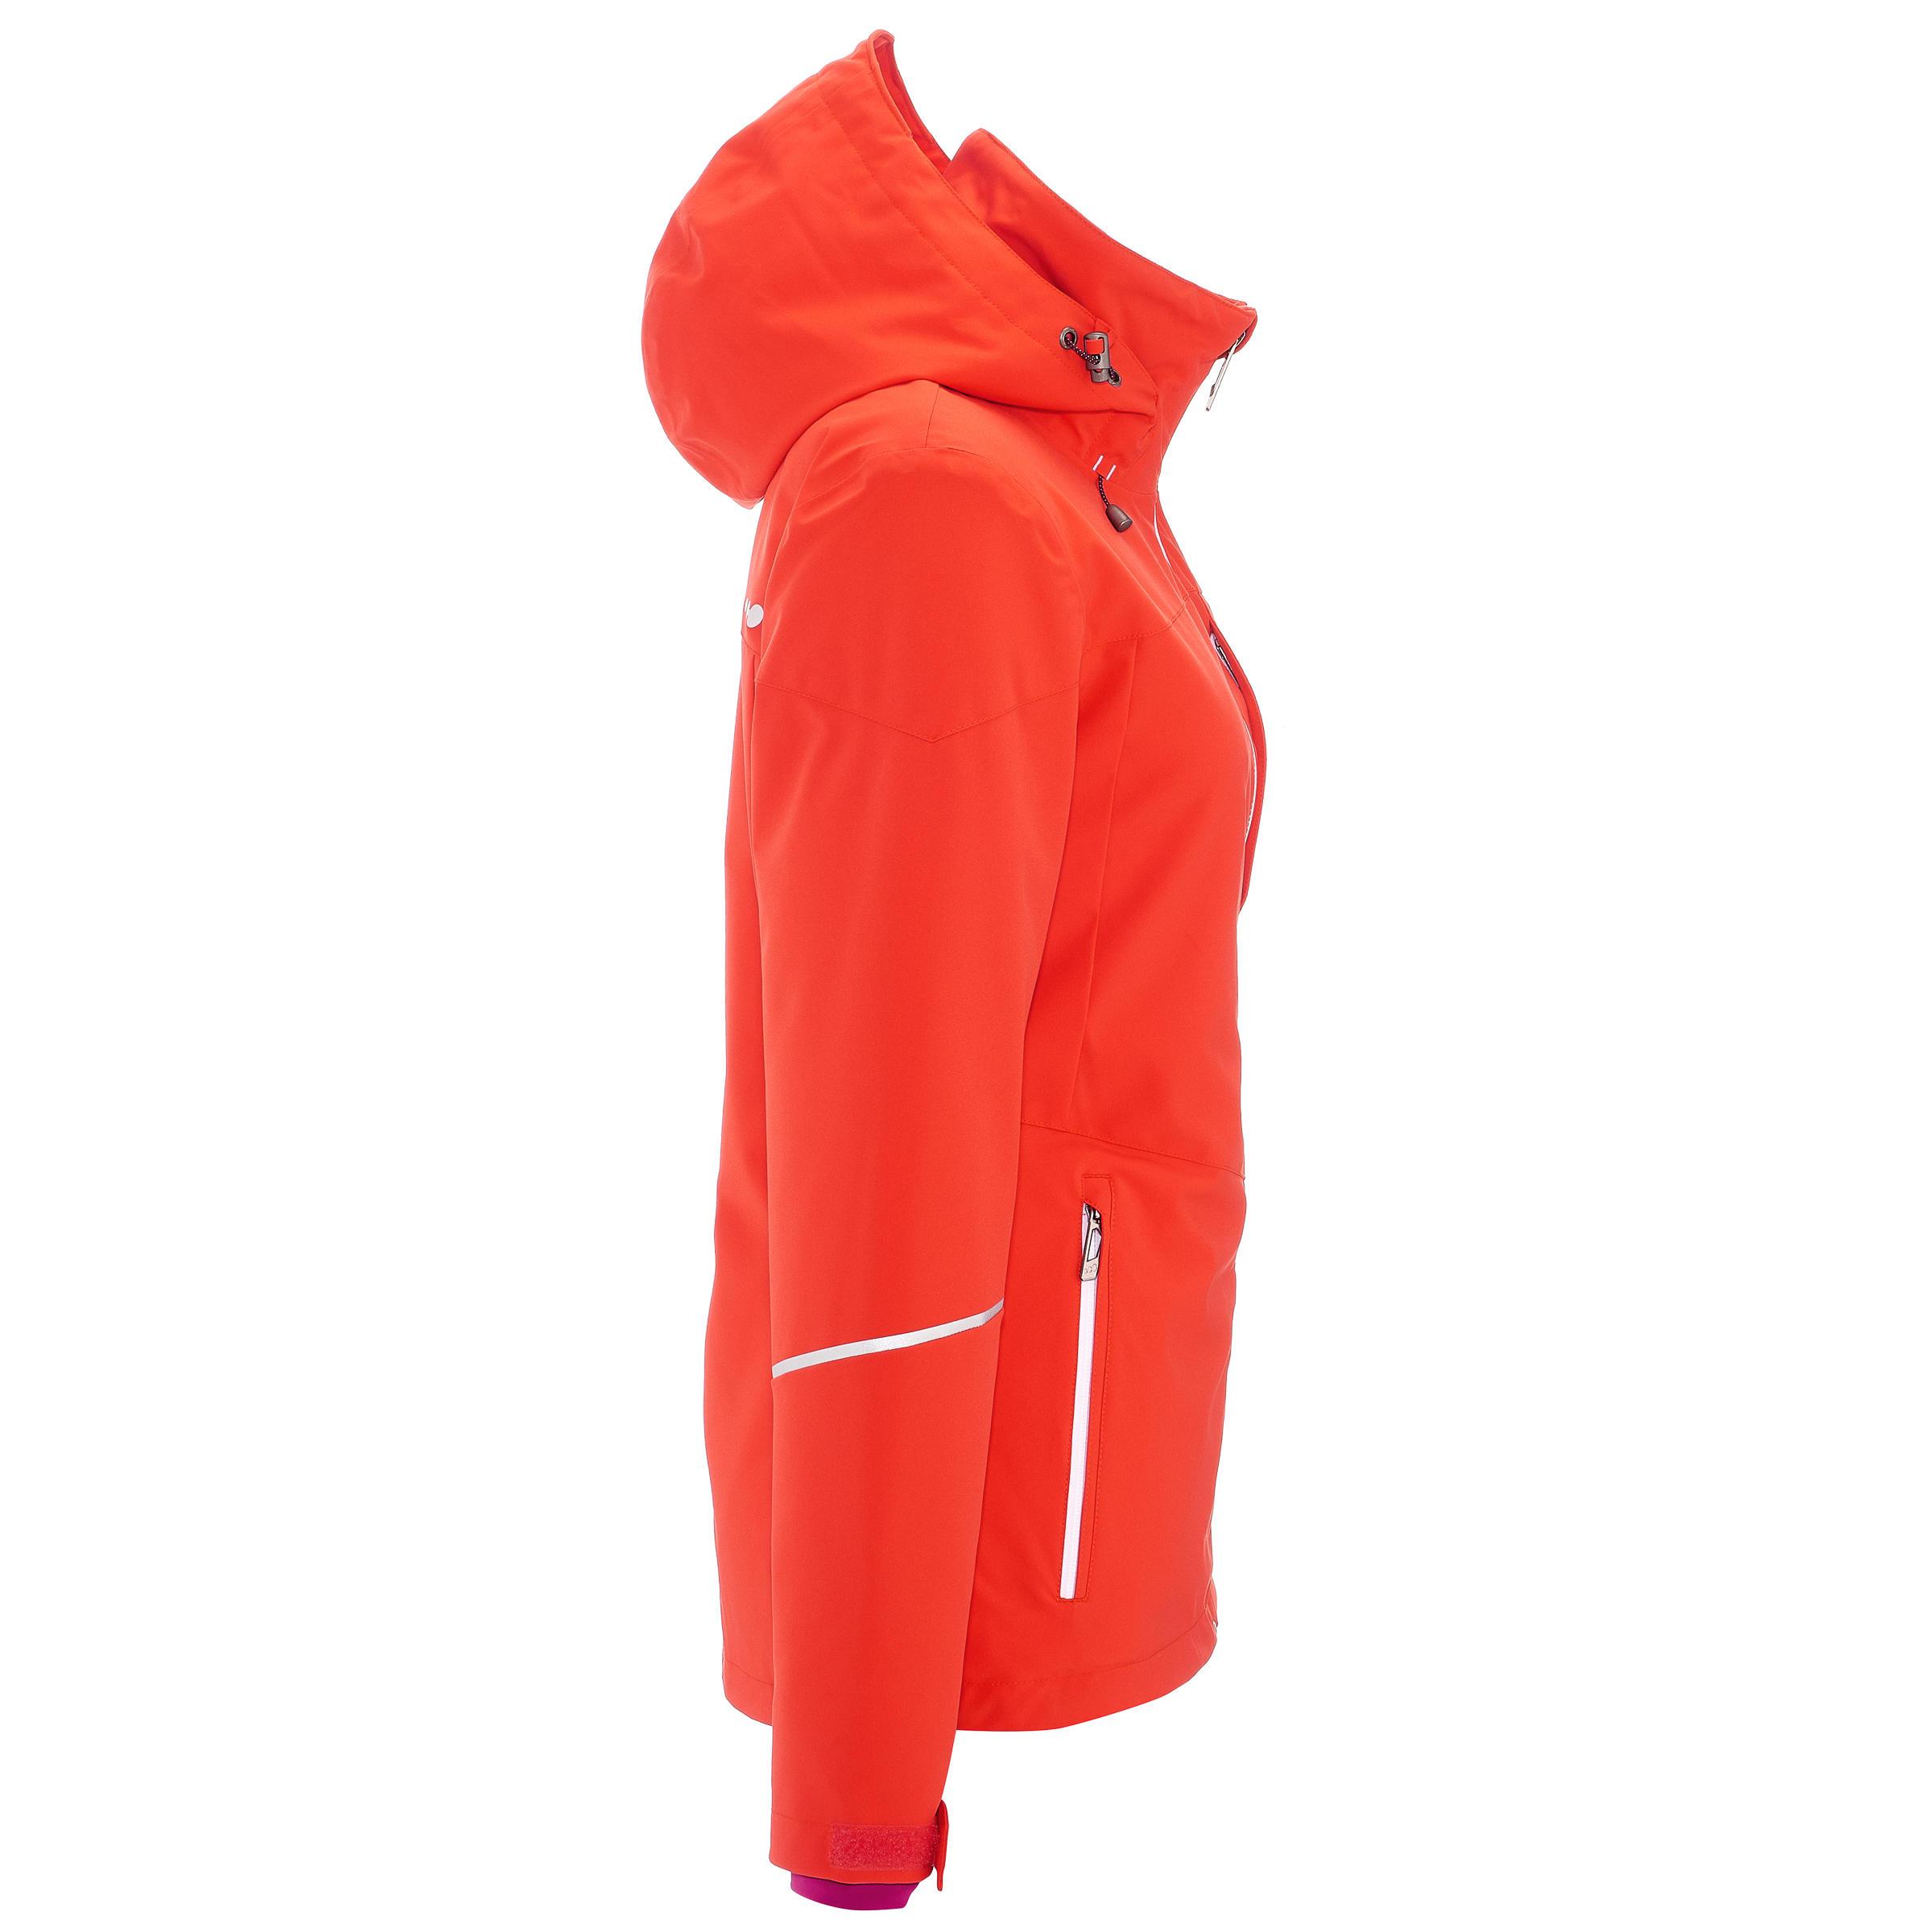 Veste Ski Femme Slide 500 Rouge vmN8nw0